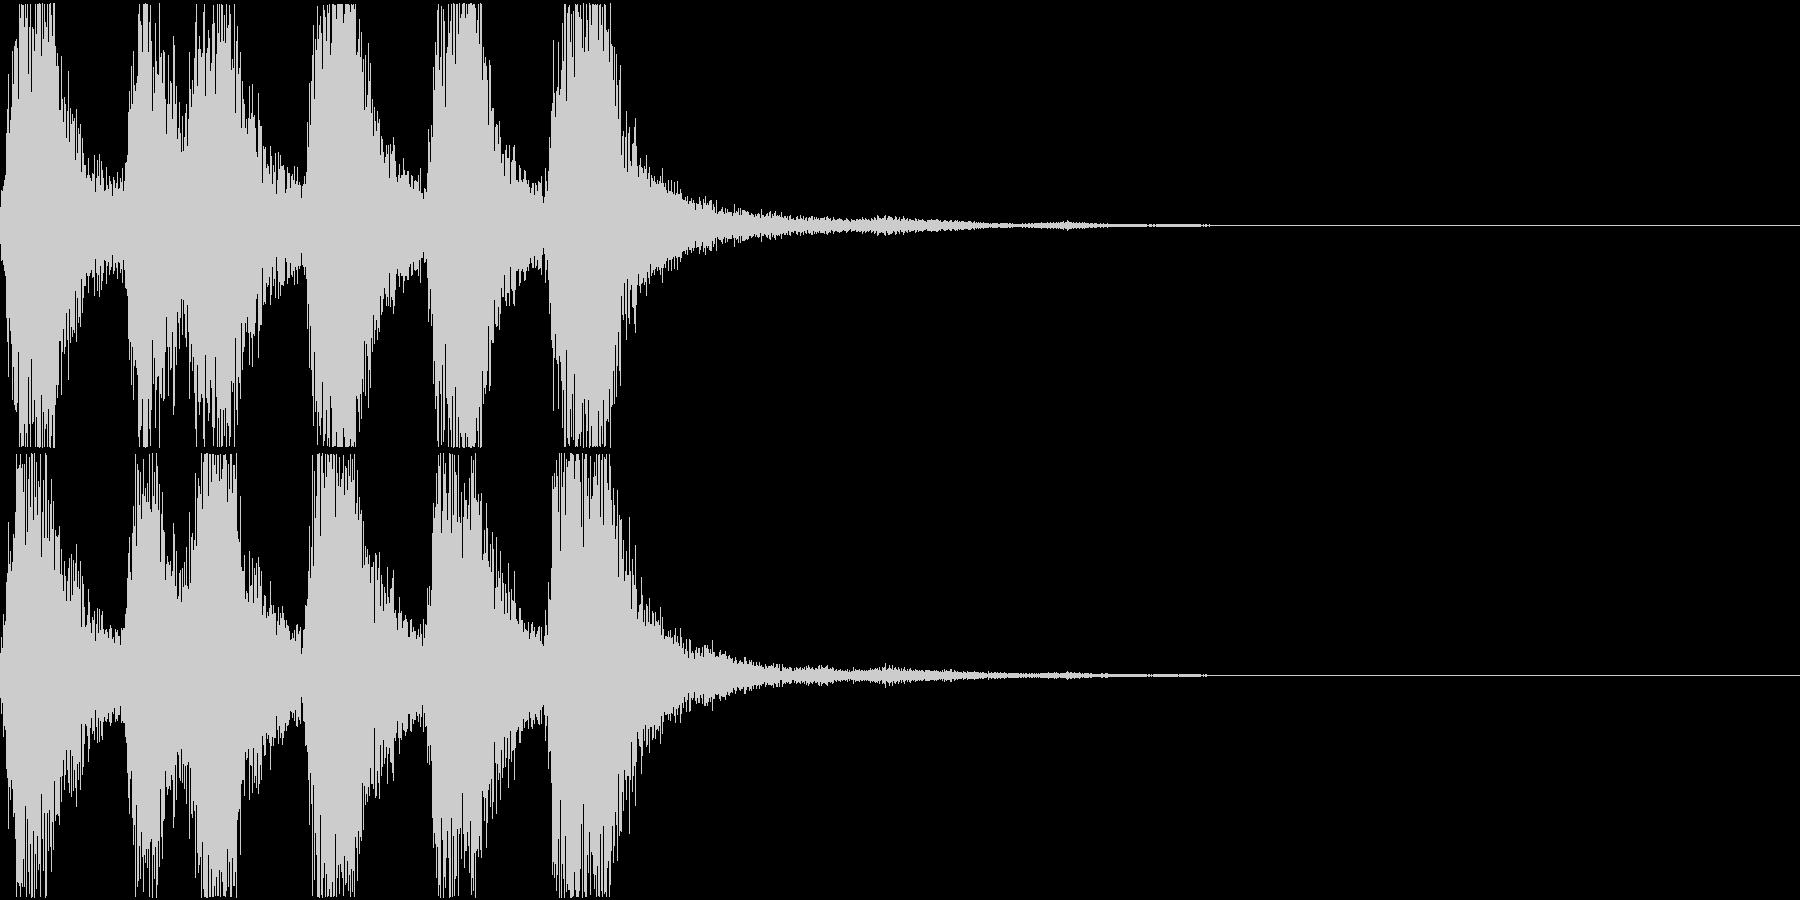 ラッパ ファンファーレ 定番 14の未再生の波形